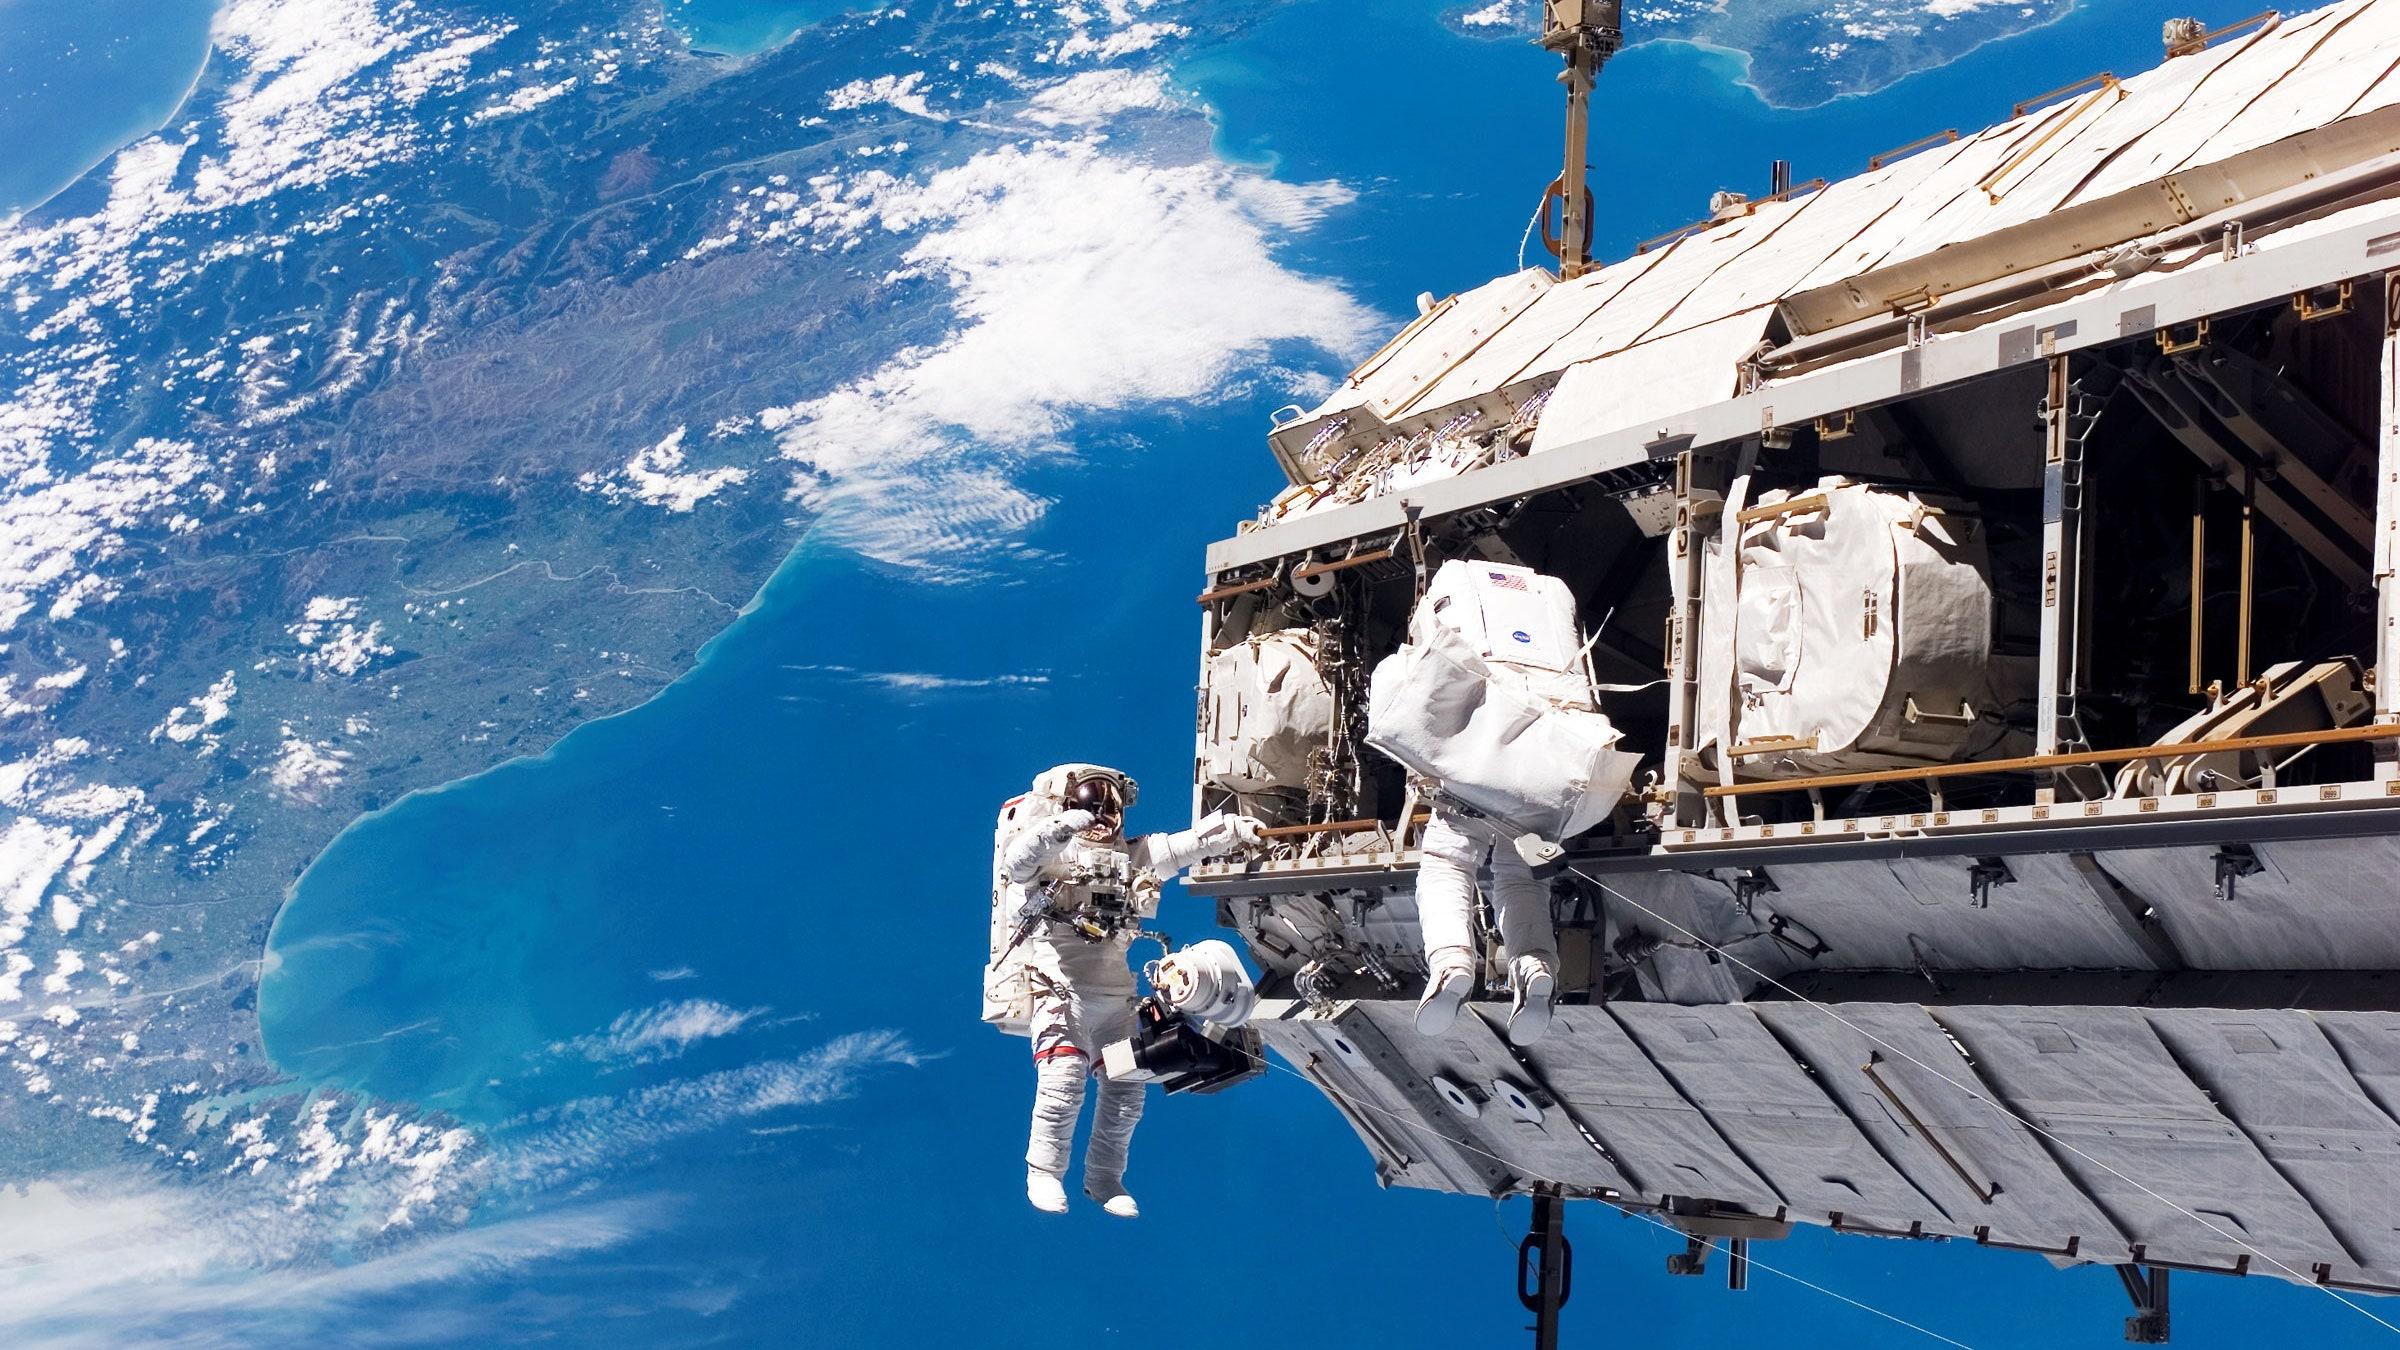 ناسا برای محافظت از فضانوردان در برابر امواج کیهانی فناوری خود را بهبود میبخشد